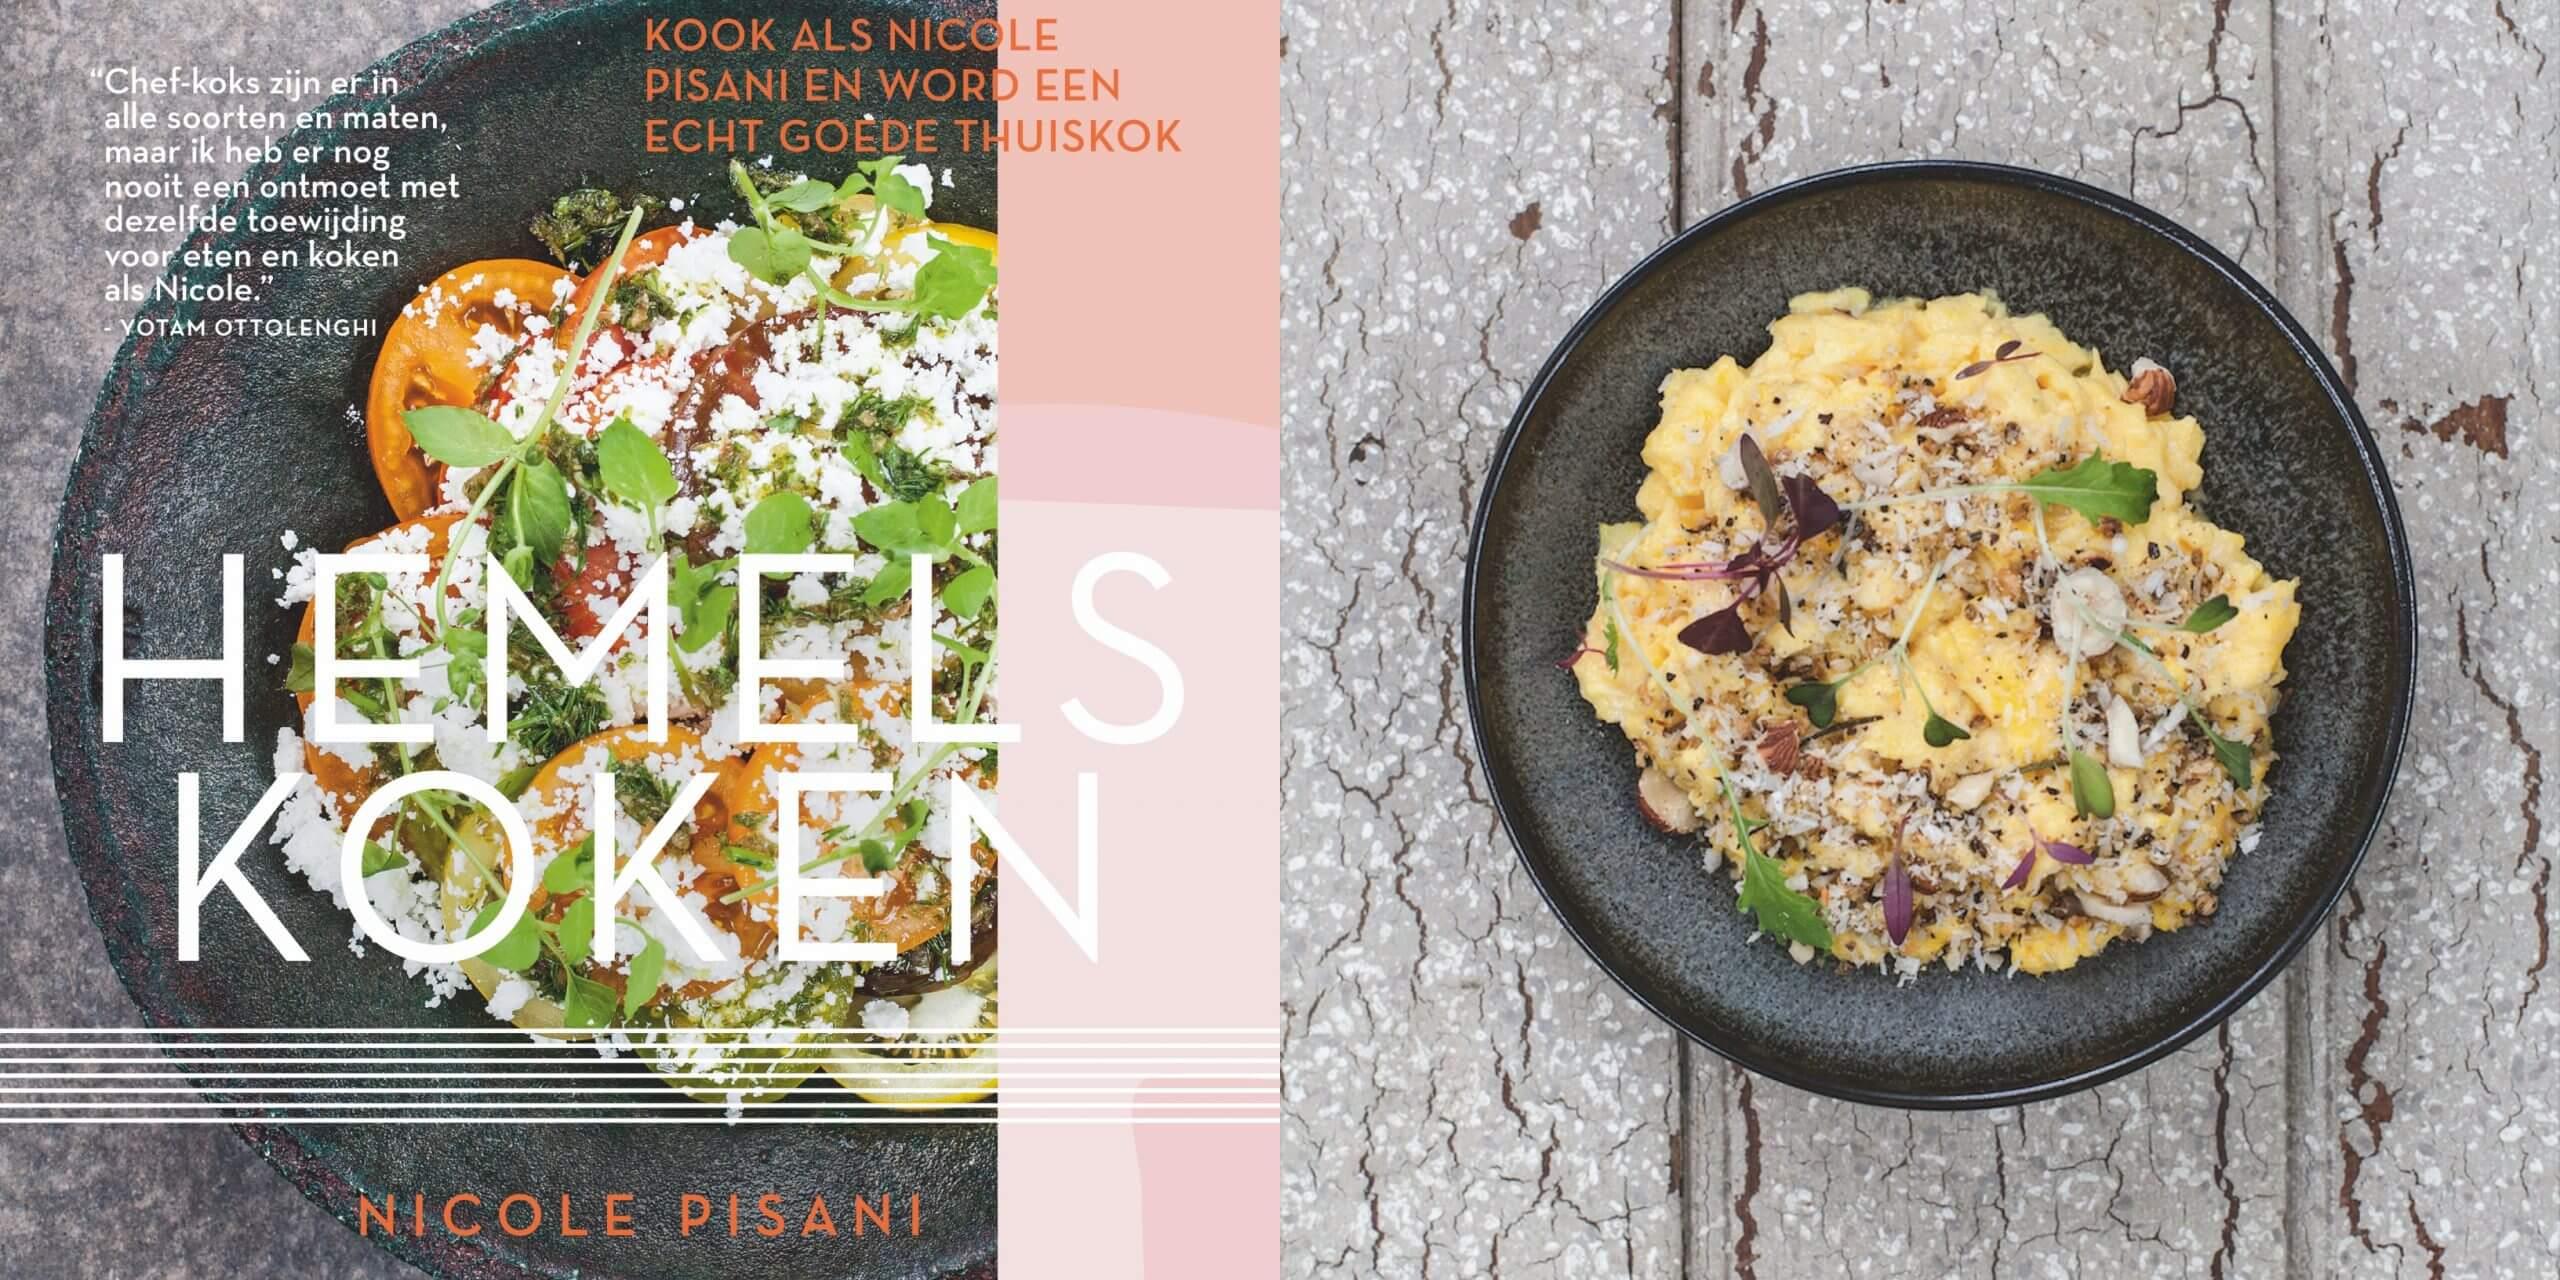 Review: Hemels koken van Nicole Pisani